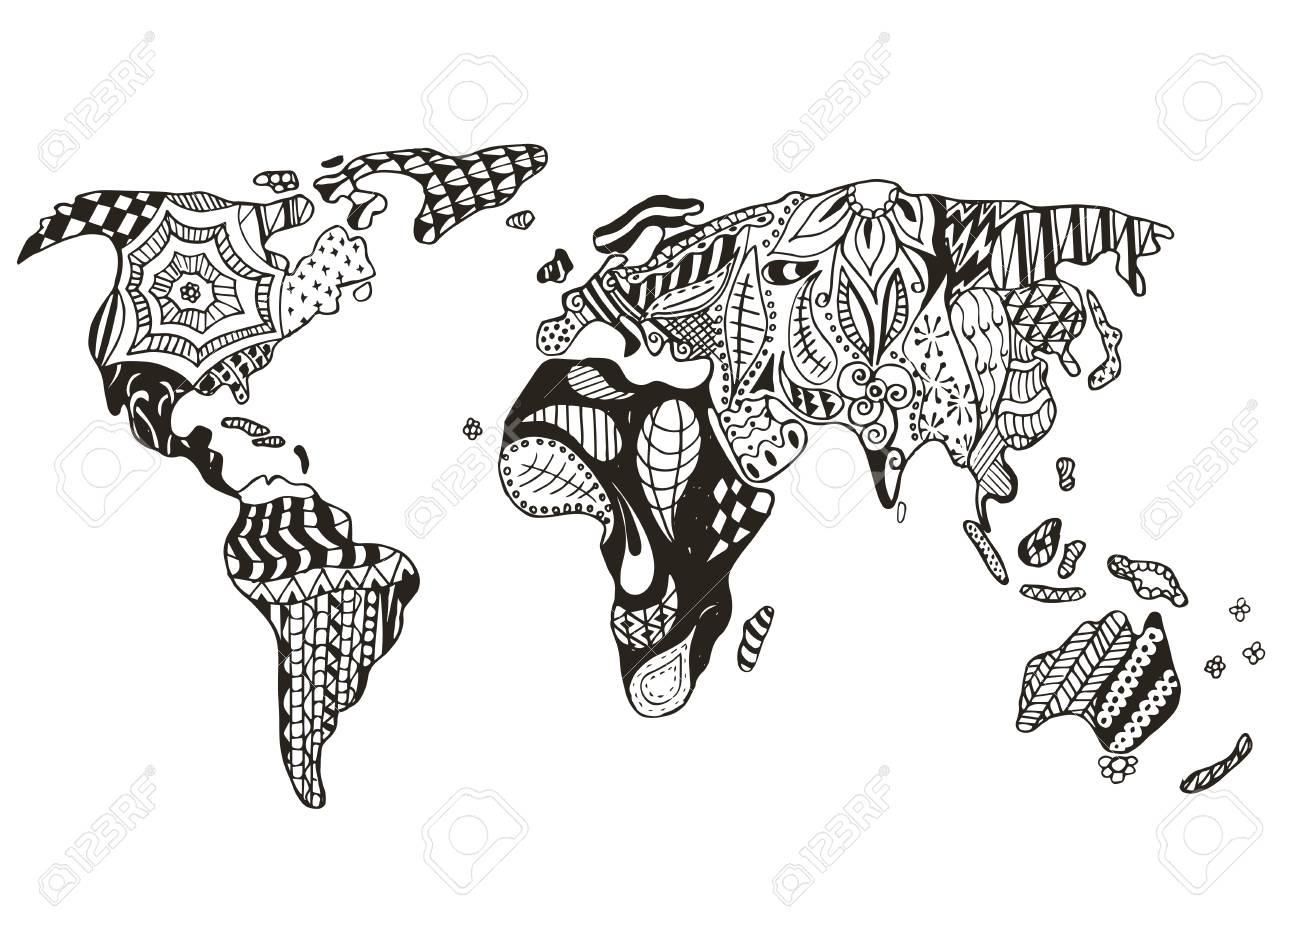 Carte Du Monde Stylisee Vecteur Illustration Crayon A Main Levee Imprimer Pour Les Livres A Colorier Clip Art Libres De Droits Vecteurs Et Illustration Image 77601822